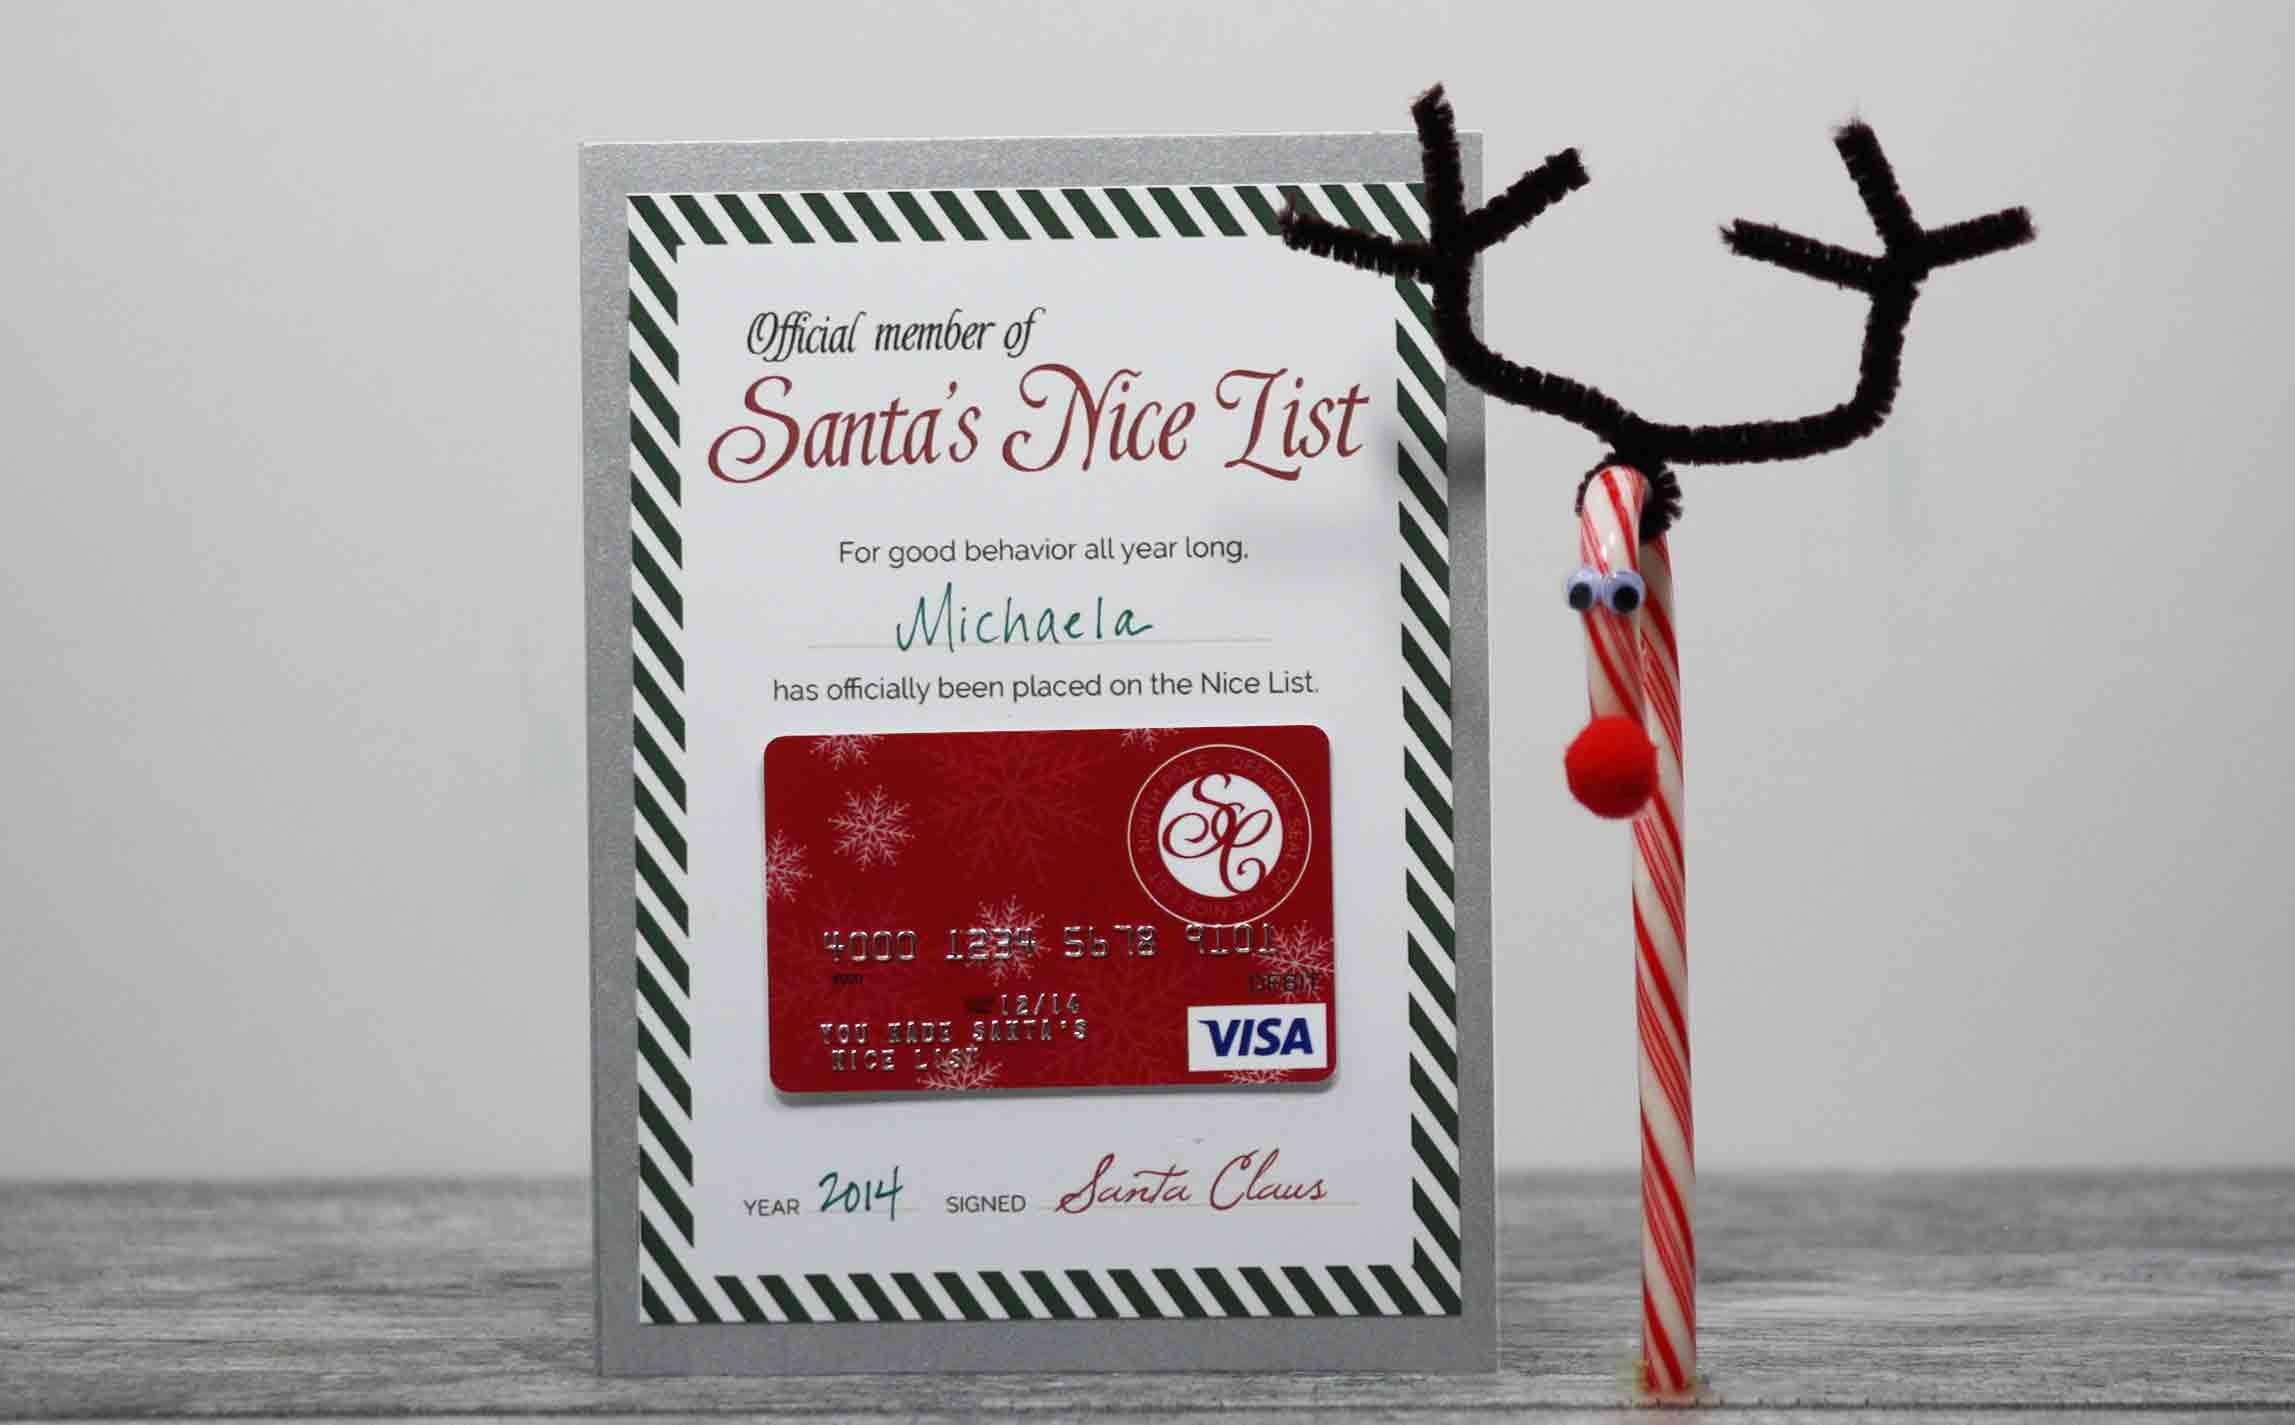 Free Printable} Santa's Nice List Certificate   Gcg - Make A Holiday Card For Free Printable